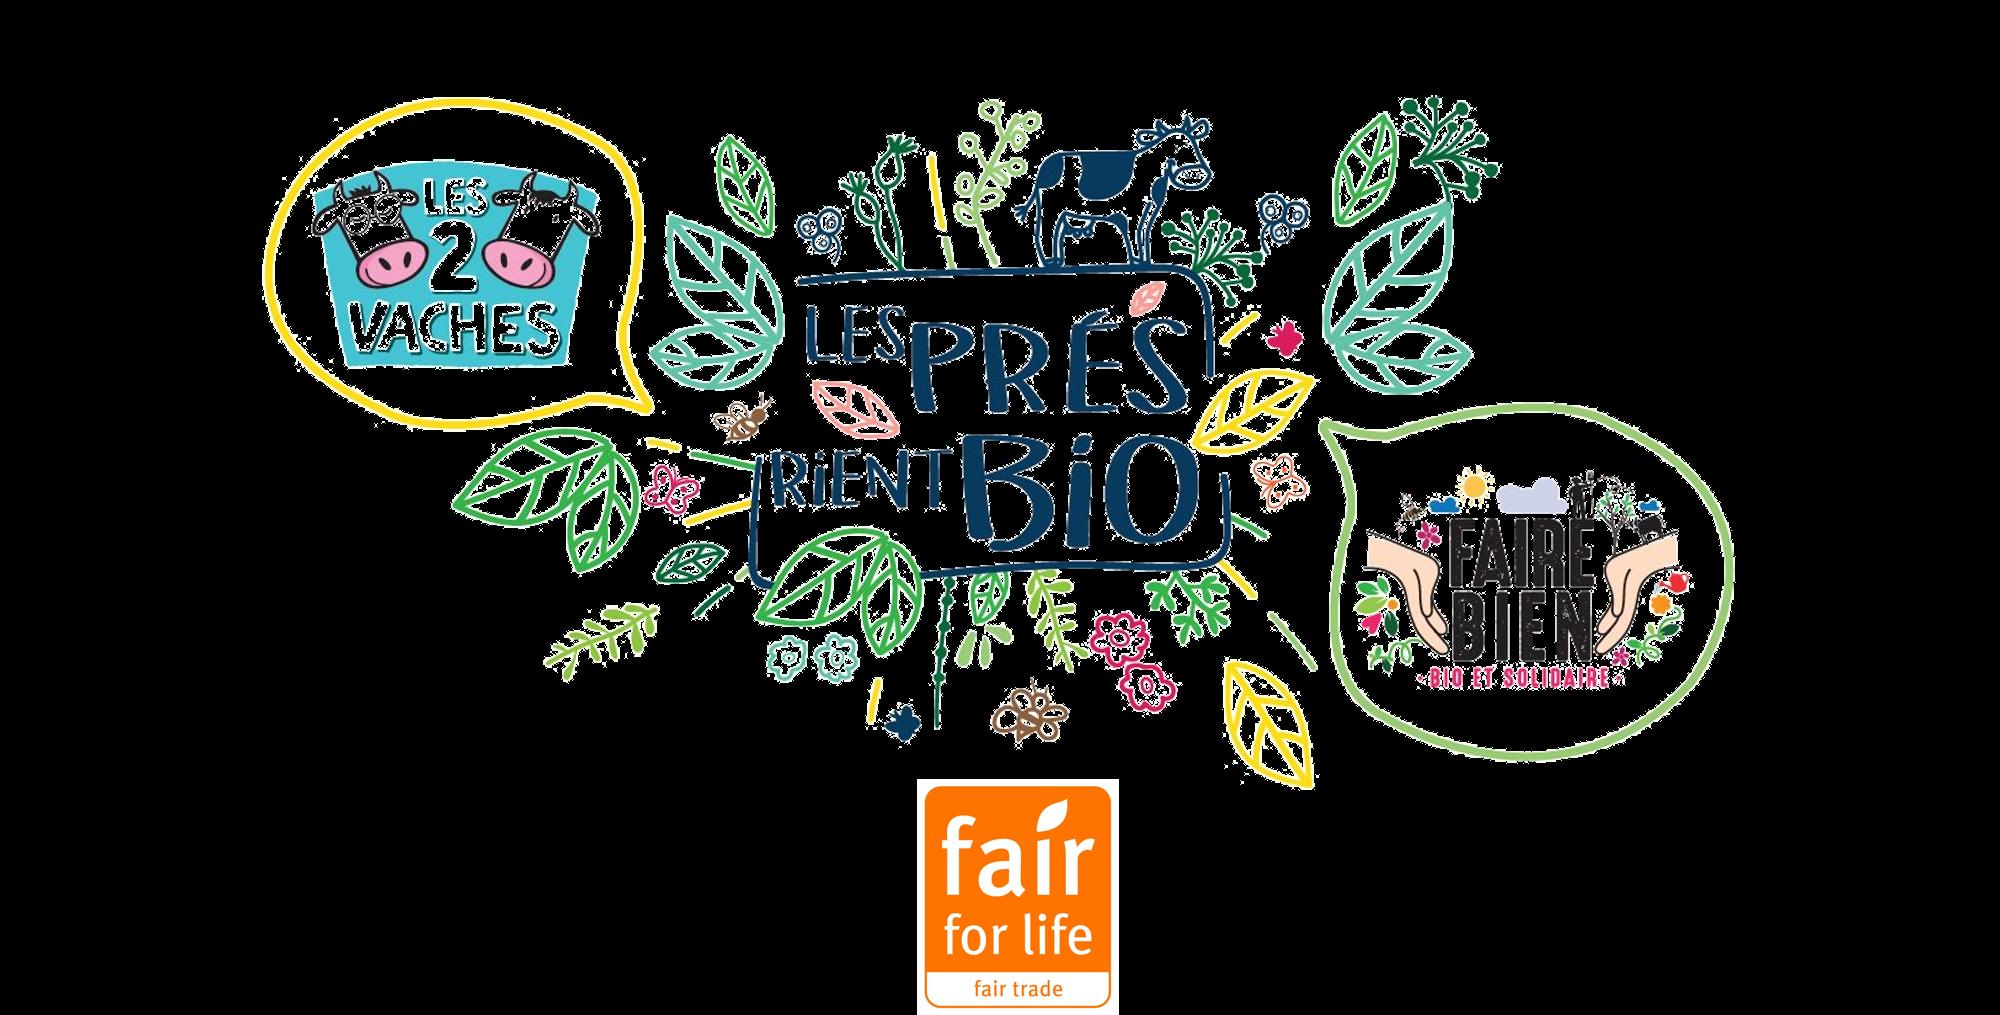 0 - Un label équitable, Fair For Life, pour les marques Les 2 Vaches et Faire Bien